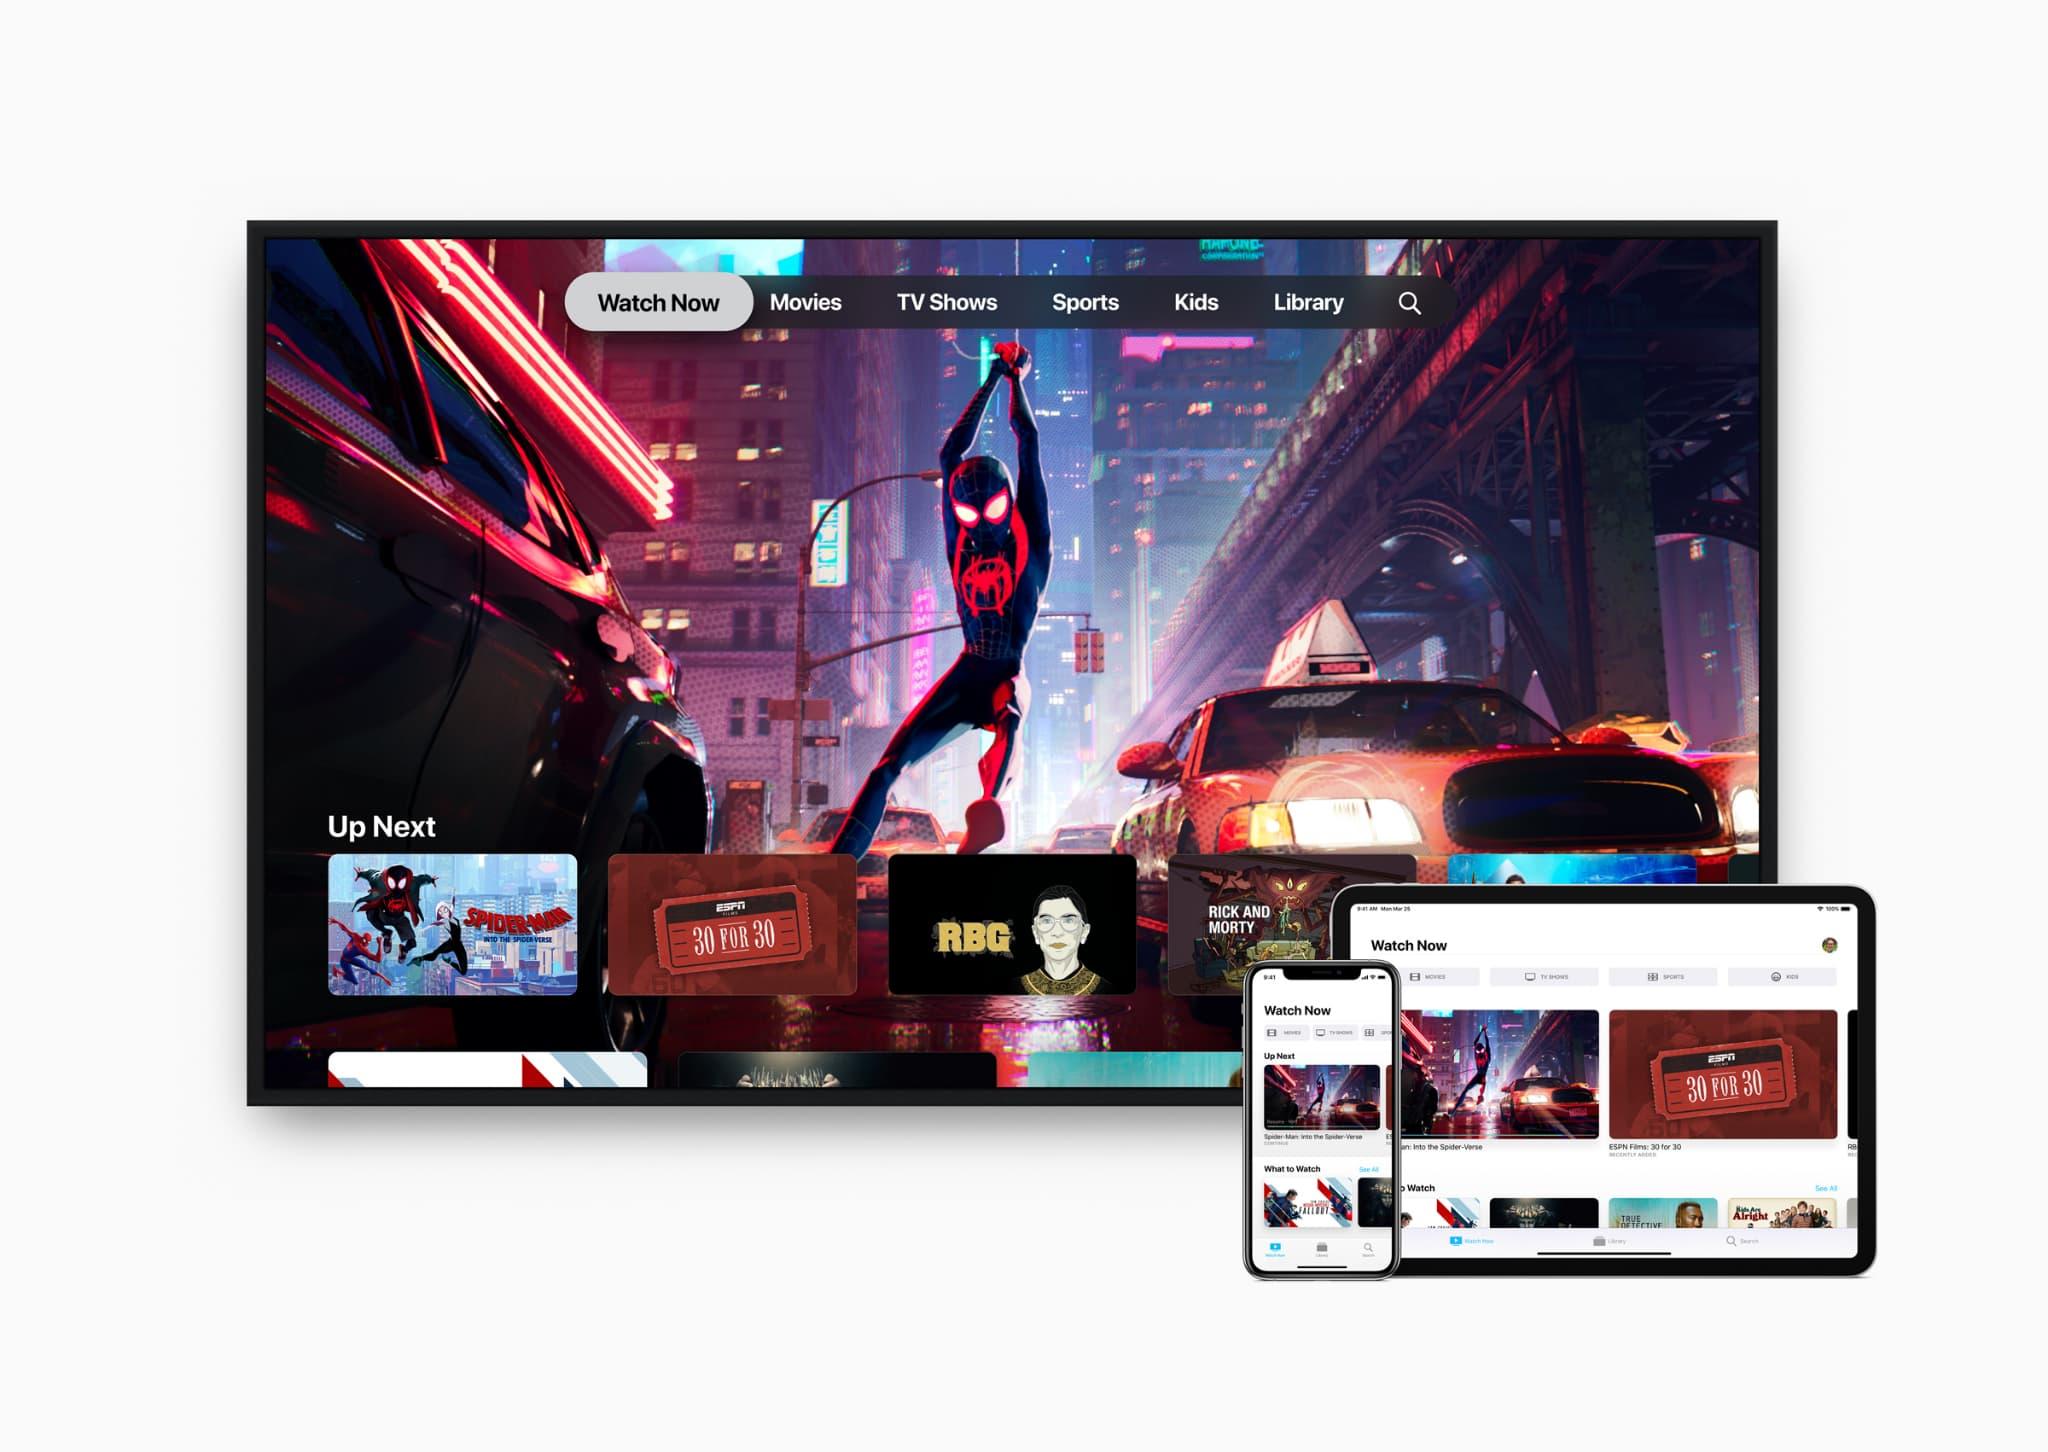 Multi-comptes, karaoké… L'AppleTV a été repensée pour s'inscrire dans un meilleur environnement familial.